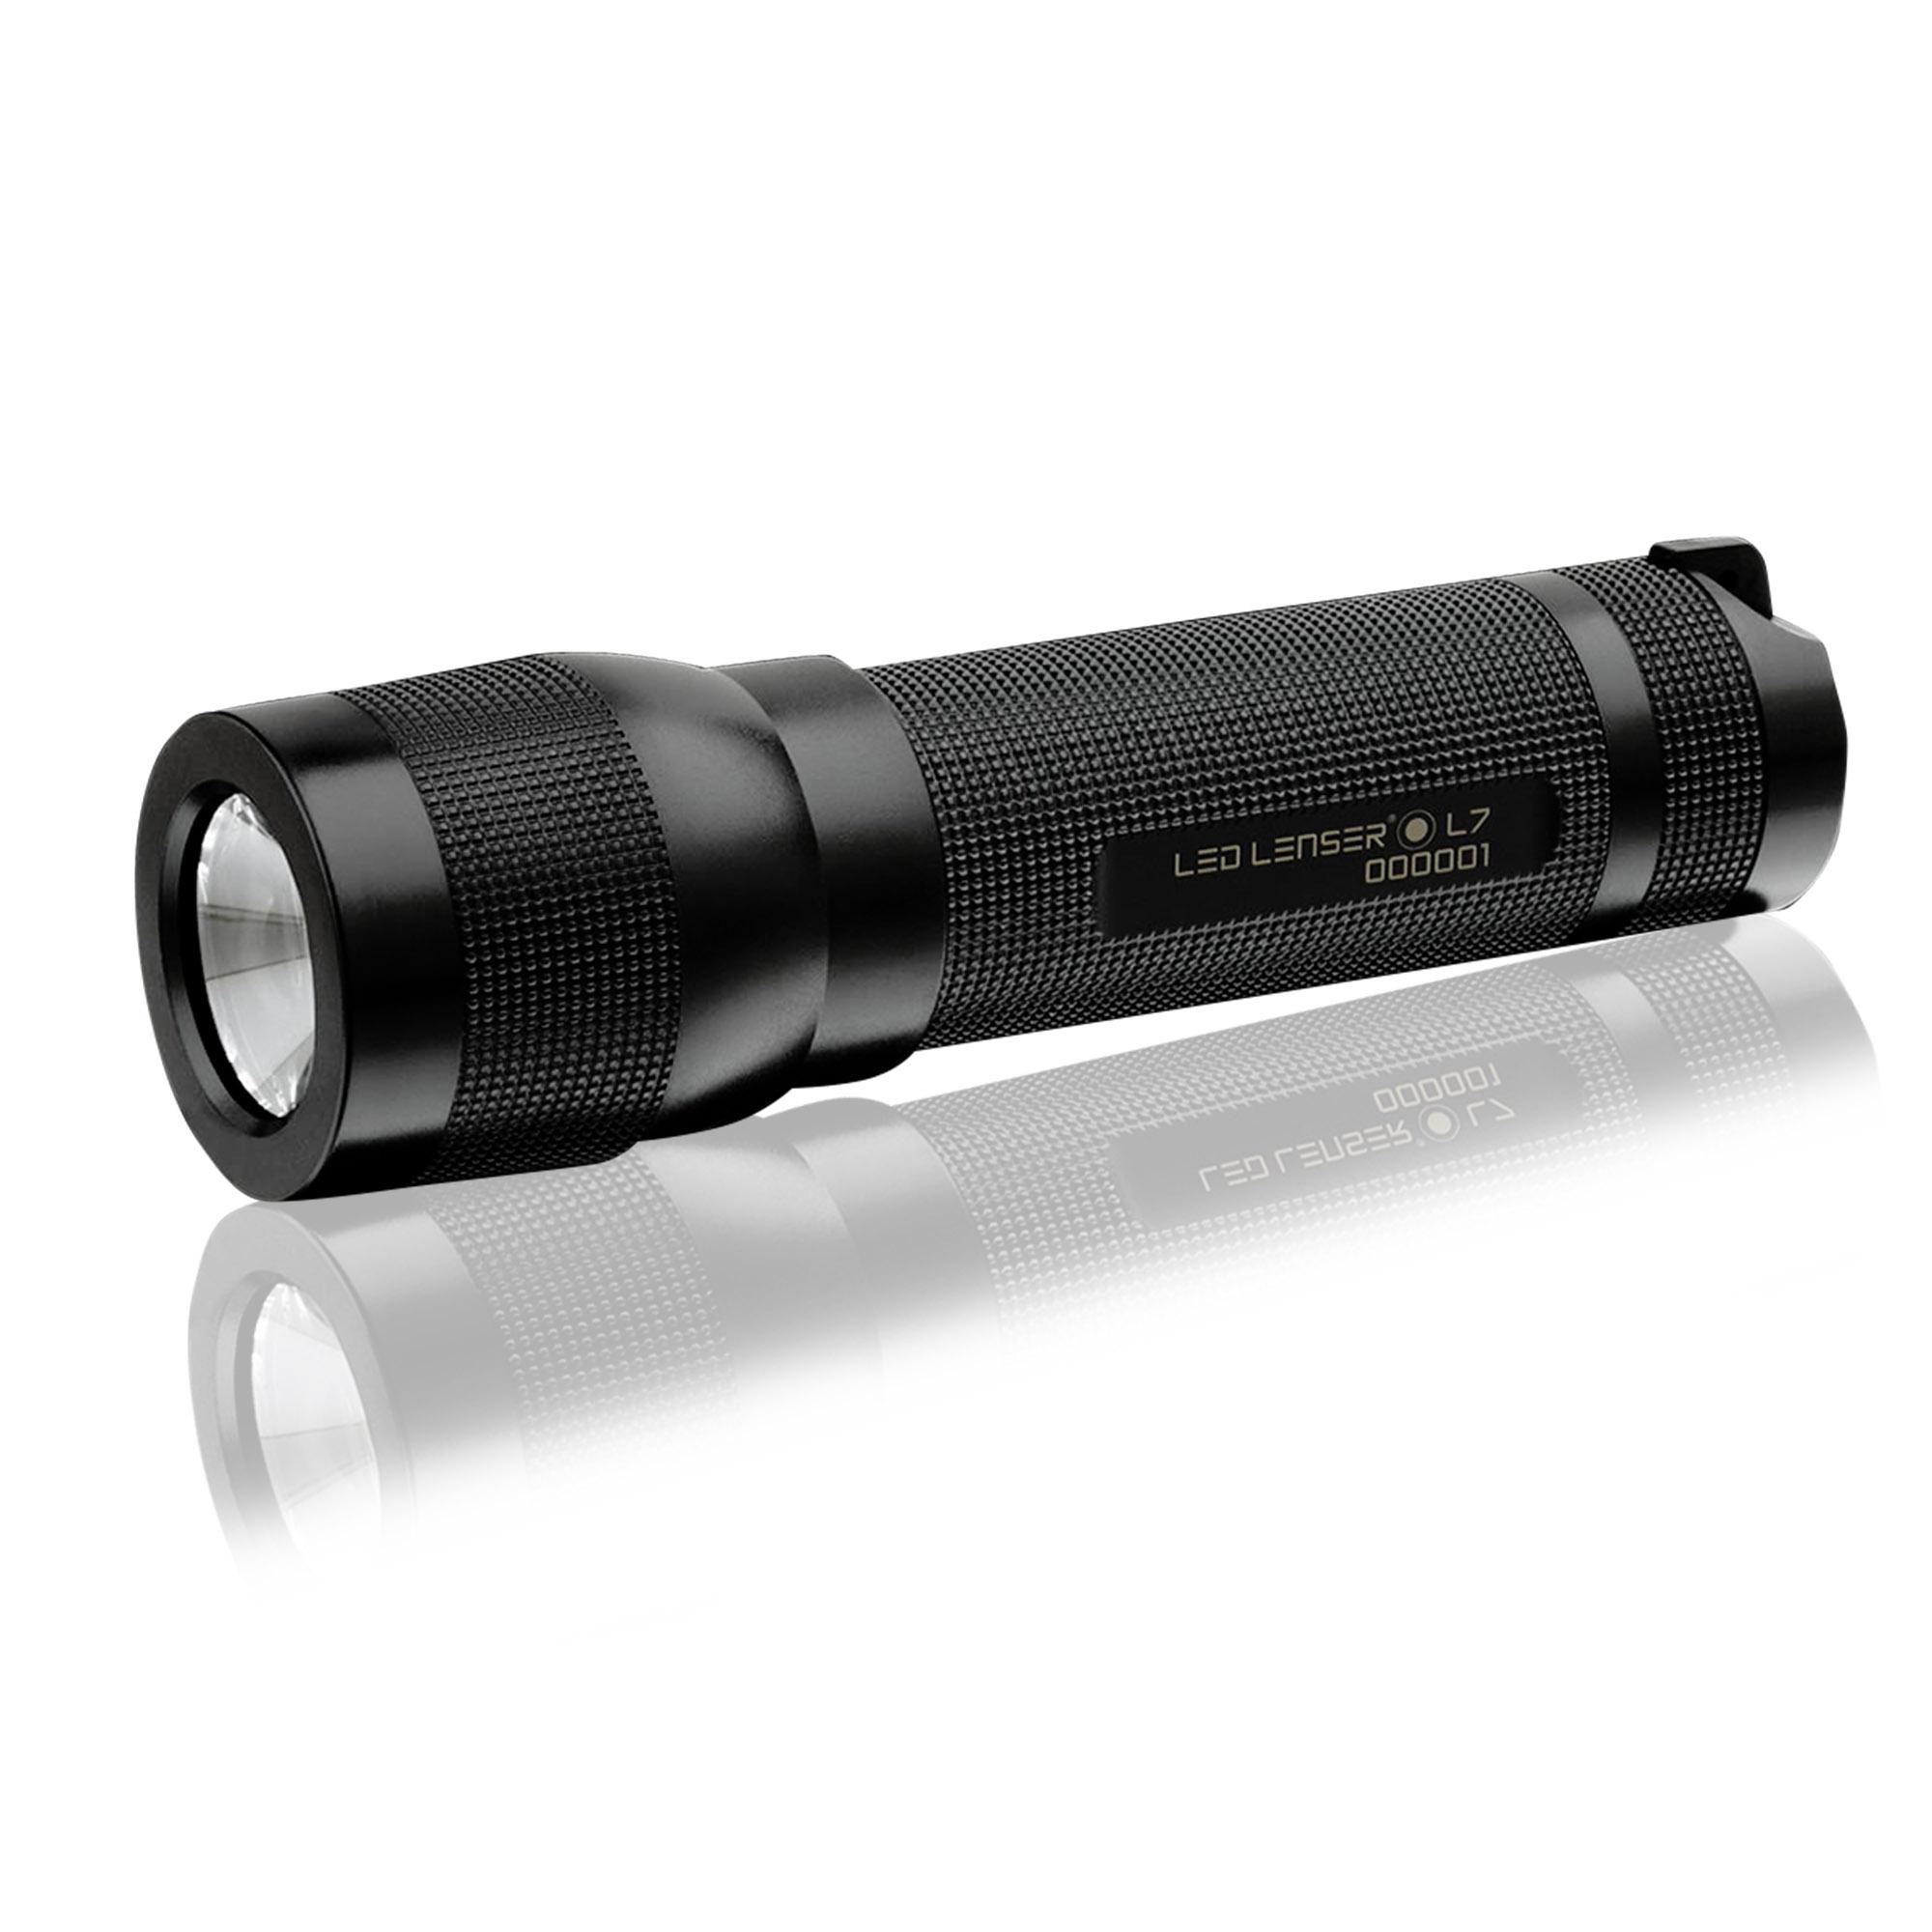 Ledlenser L7 High Power fokussierbare LED-Taschenlampe 7058